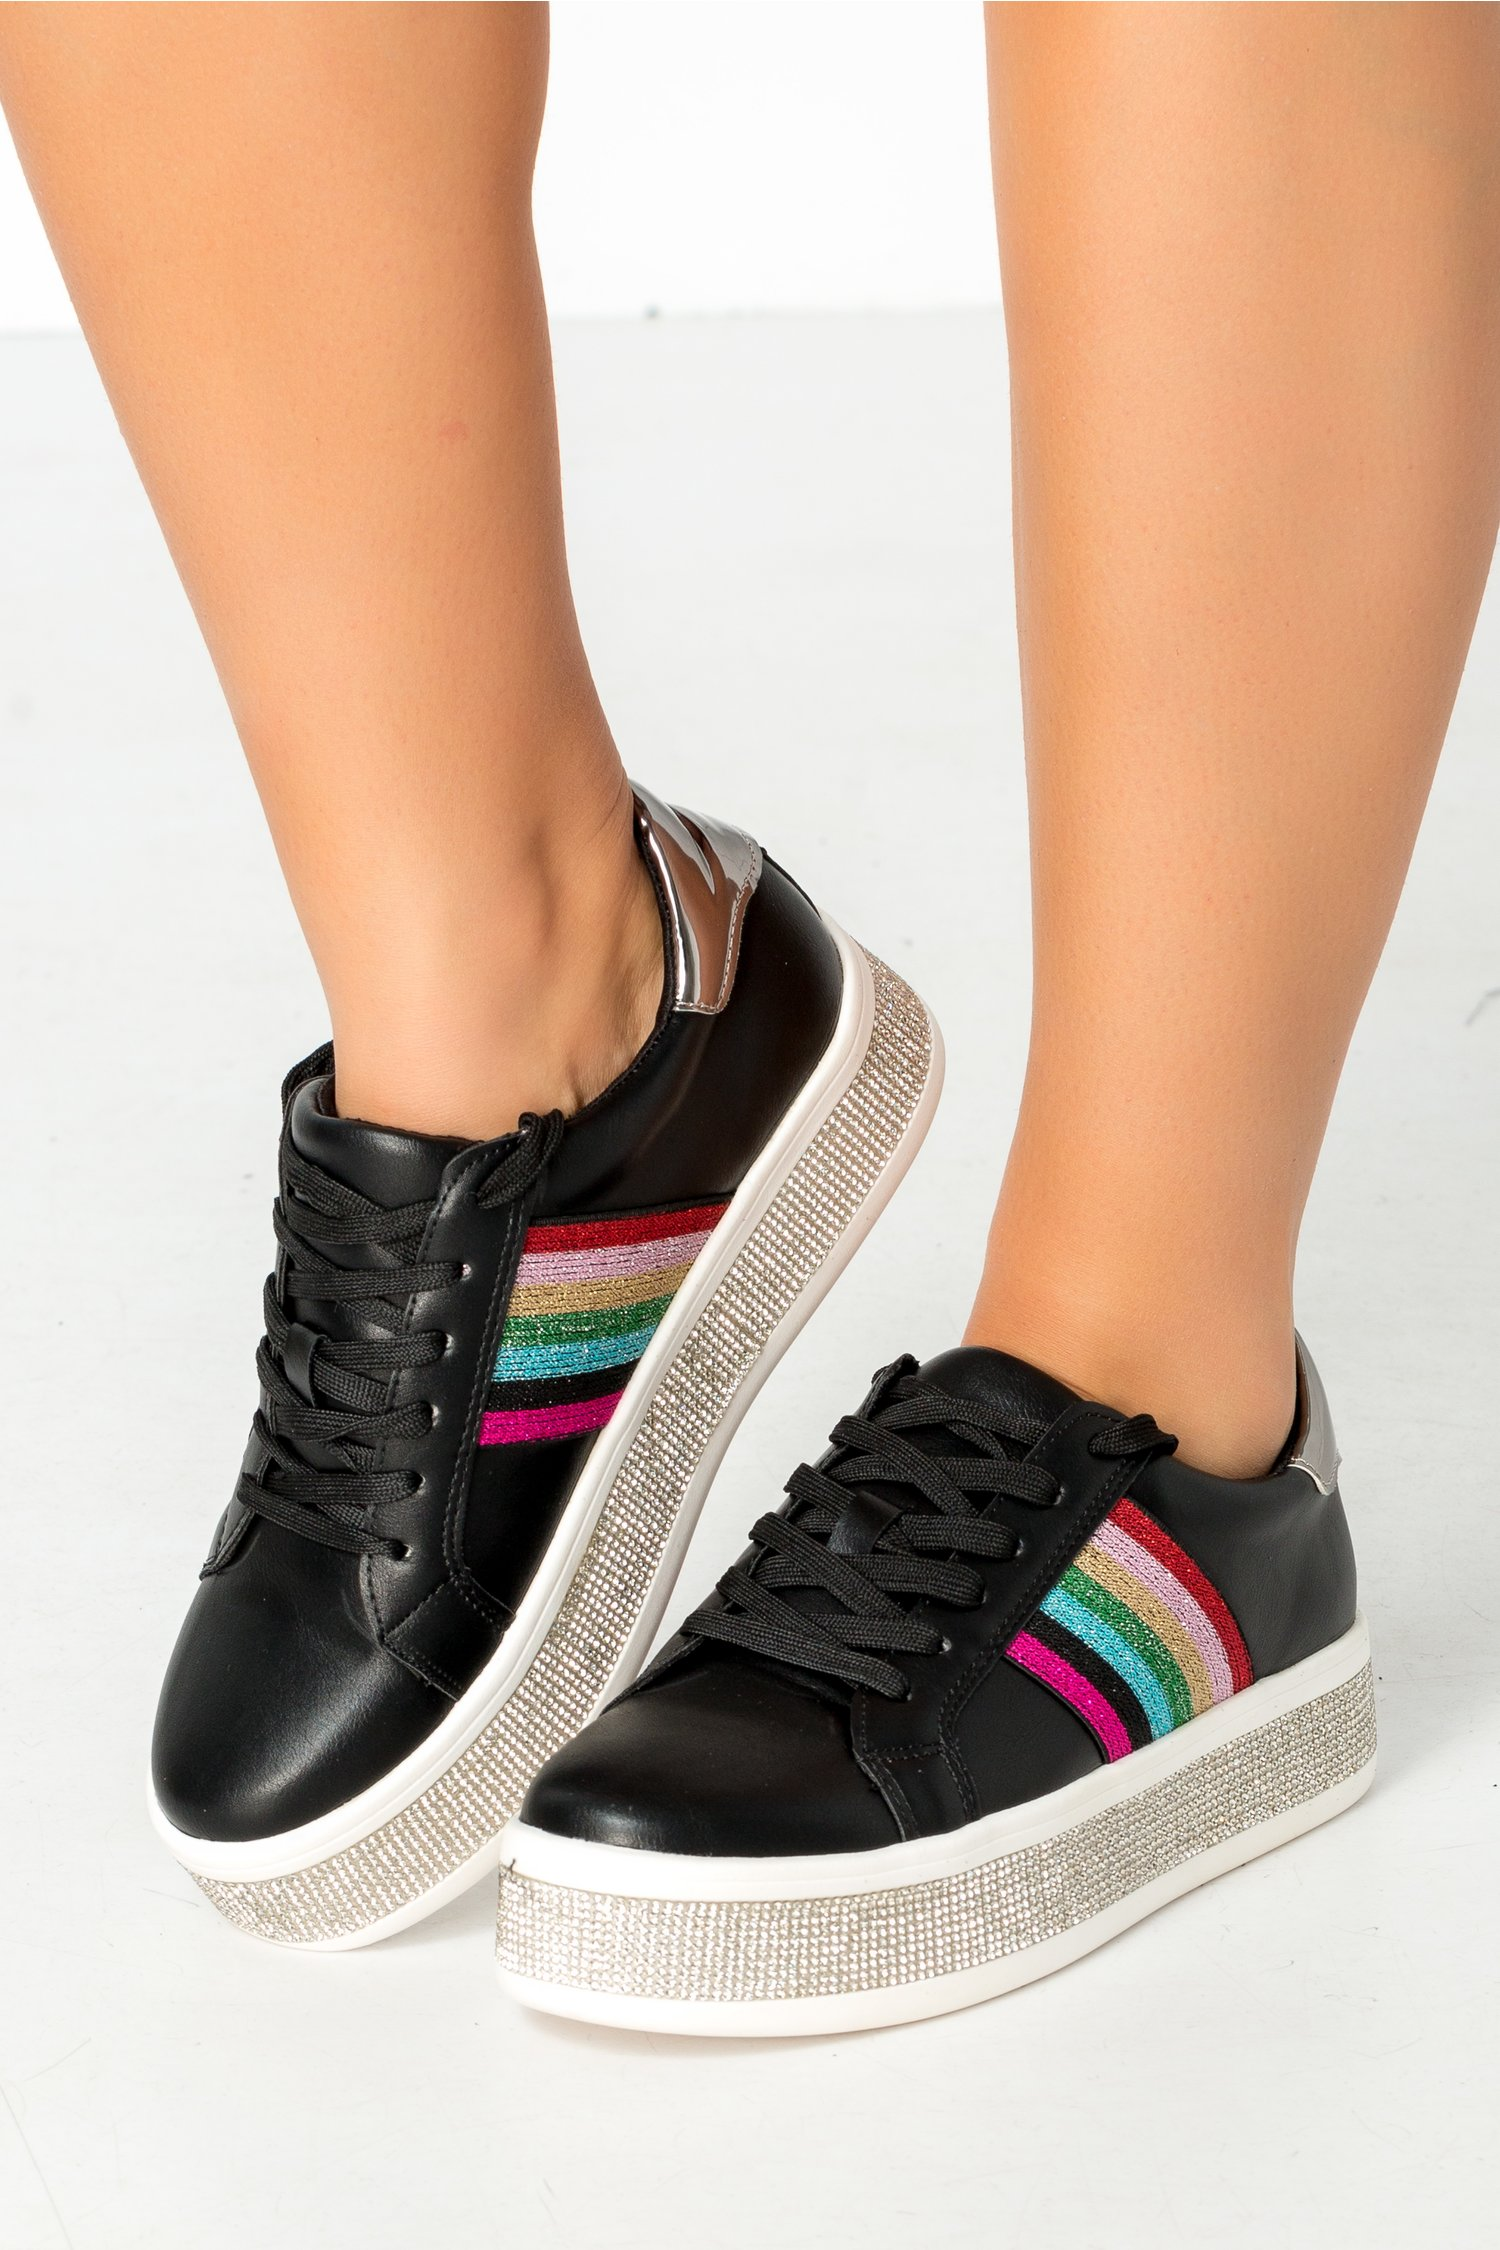 Pantofi sport negri cu strasuri si insertii colorate